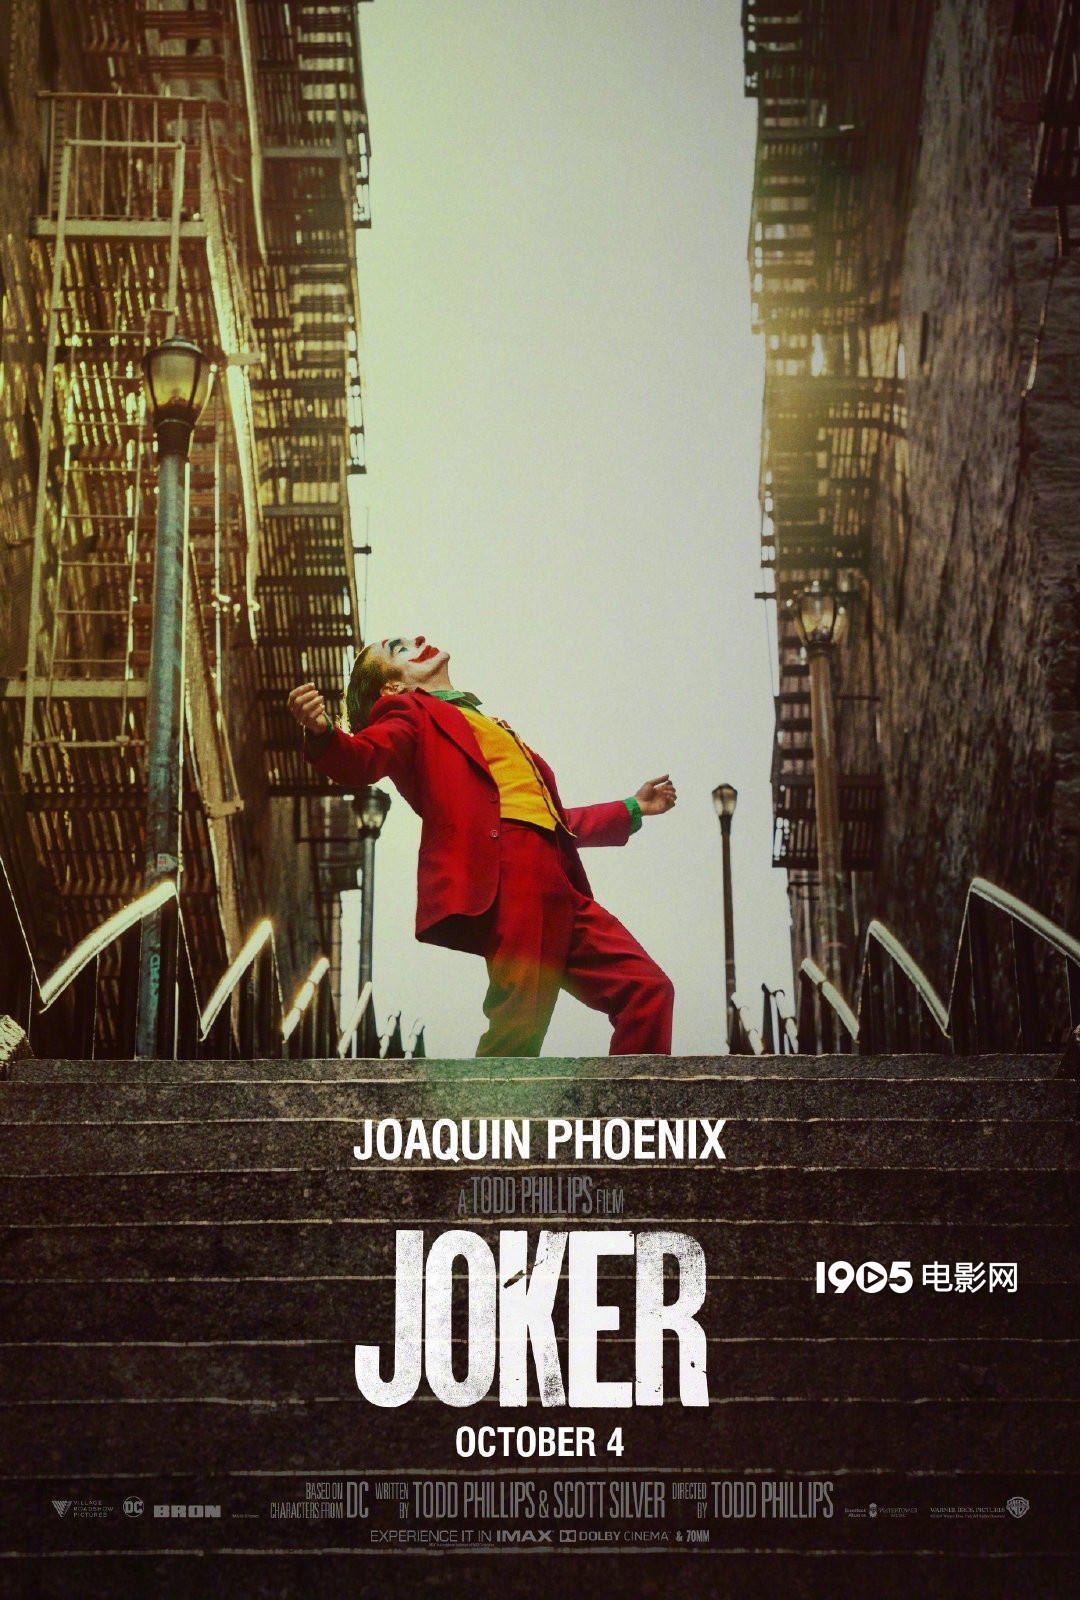 挤进前十!《小丑》成IMDb十佳唯一近10年电影